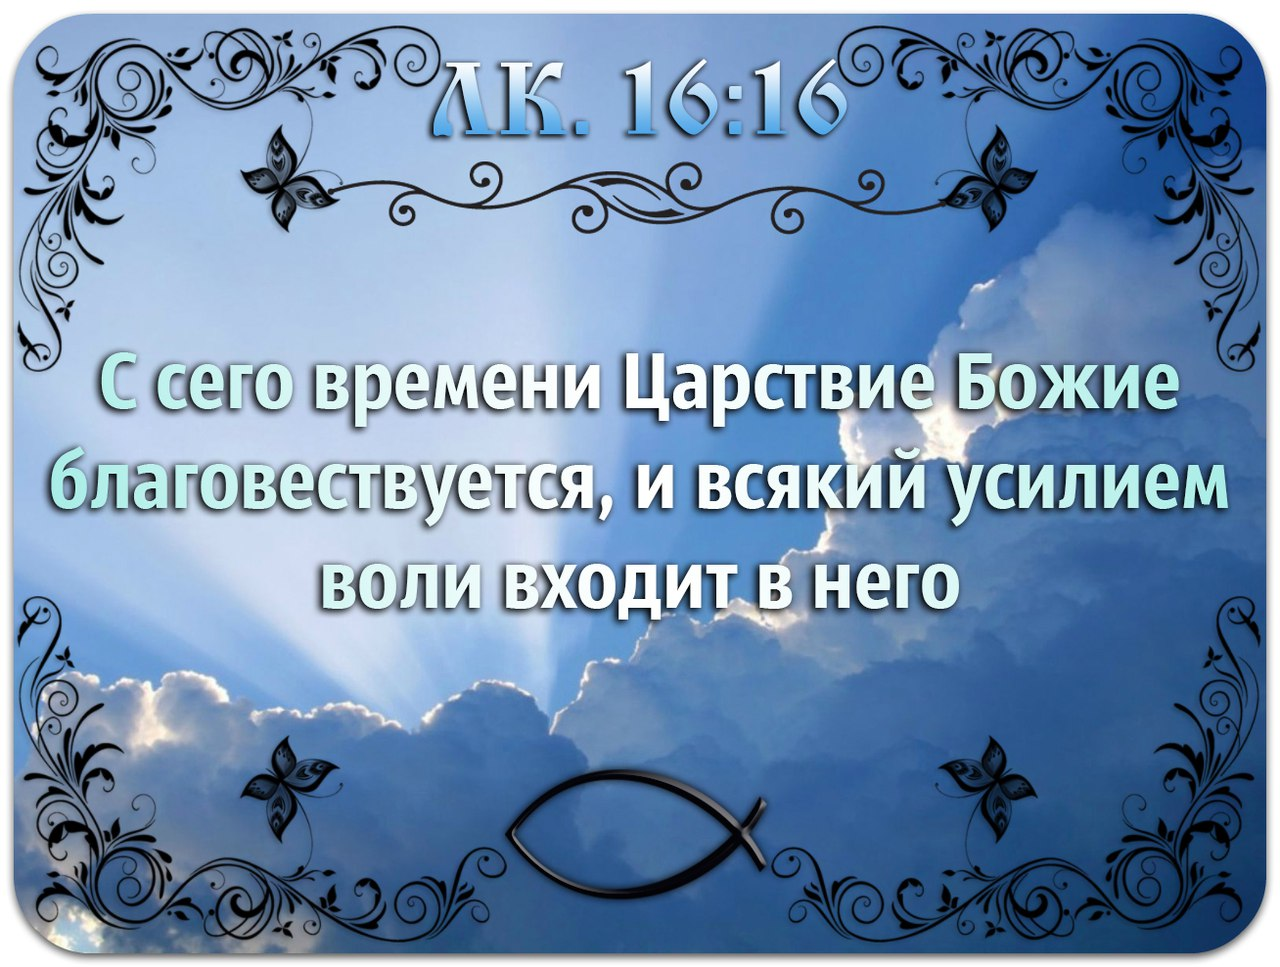 Поздравления открытки, картинки с мудростью из библии